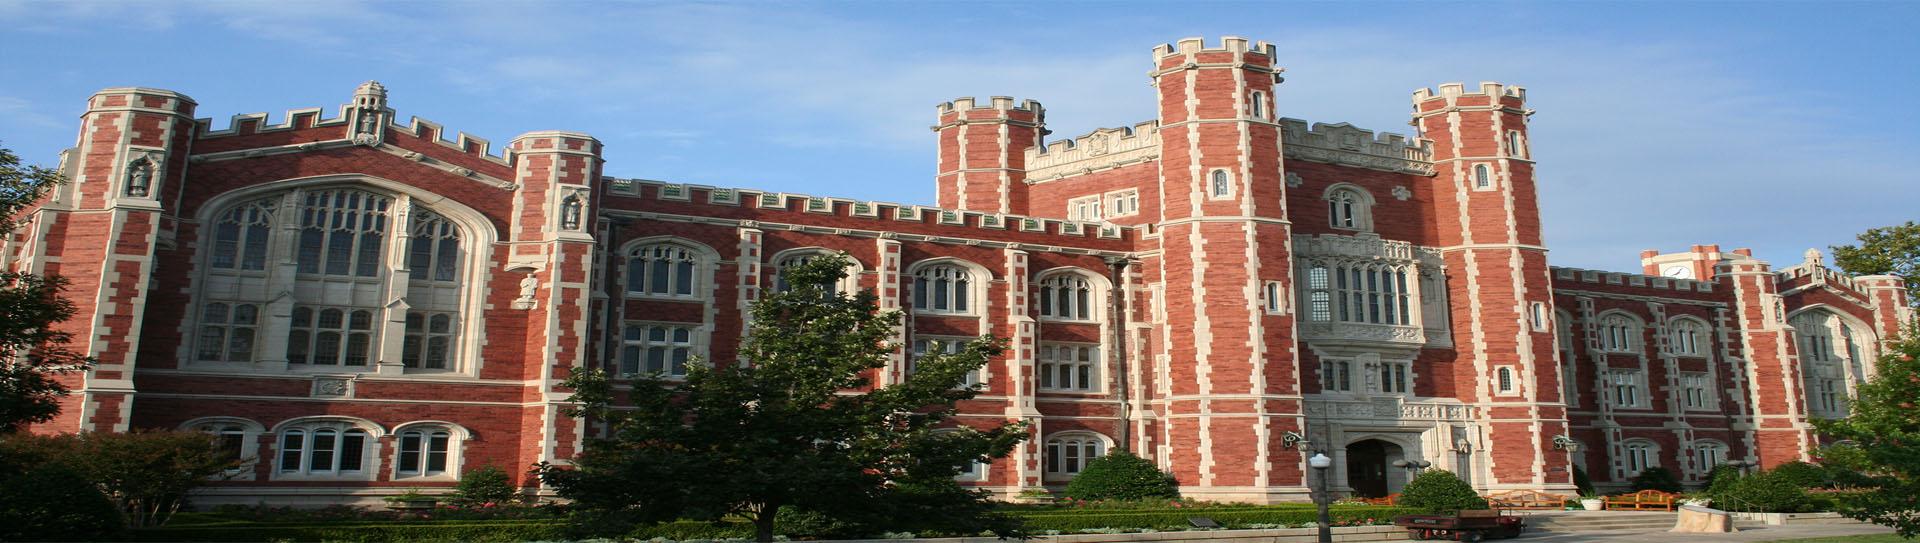 Universities In Oklahoma >> Oklahoma City University Skoolville